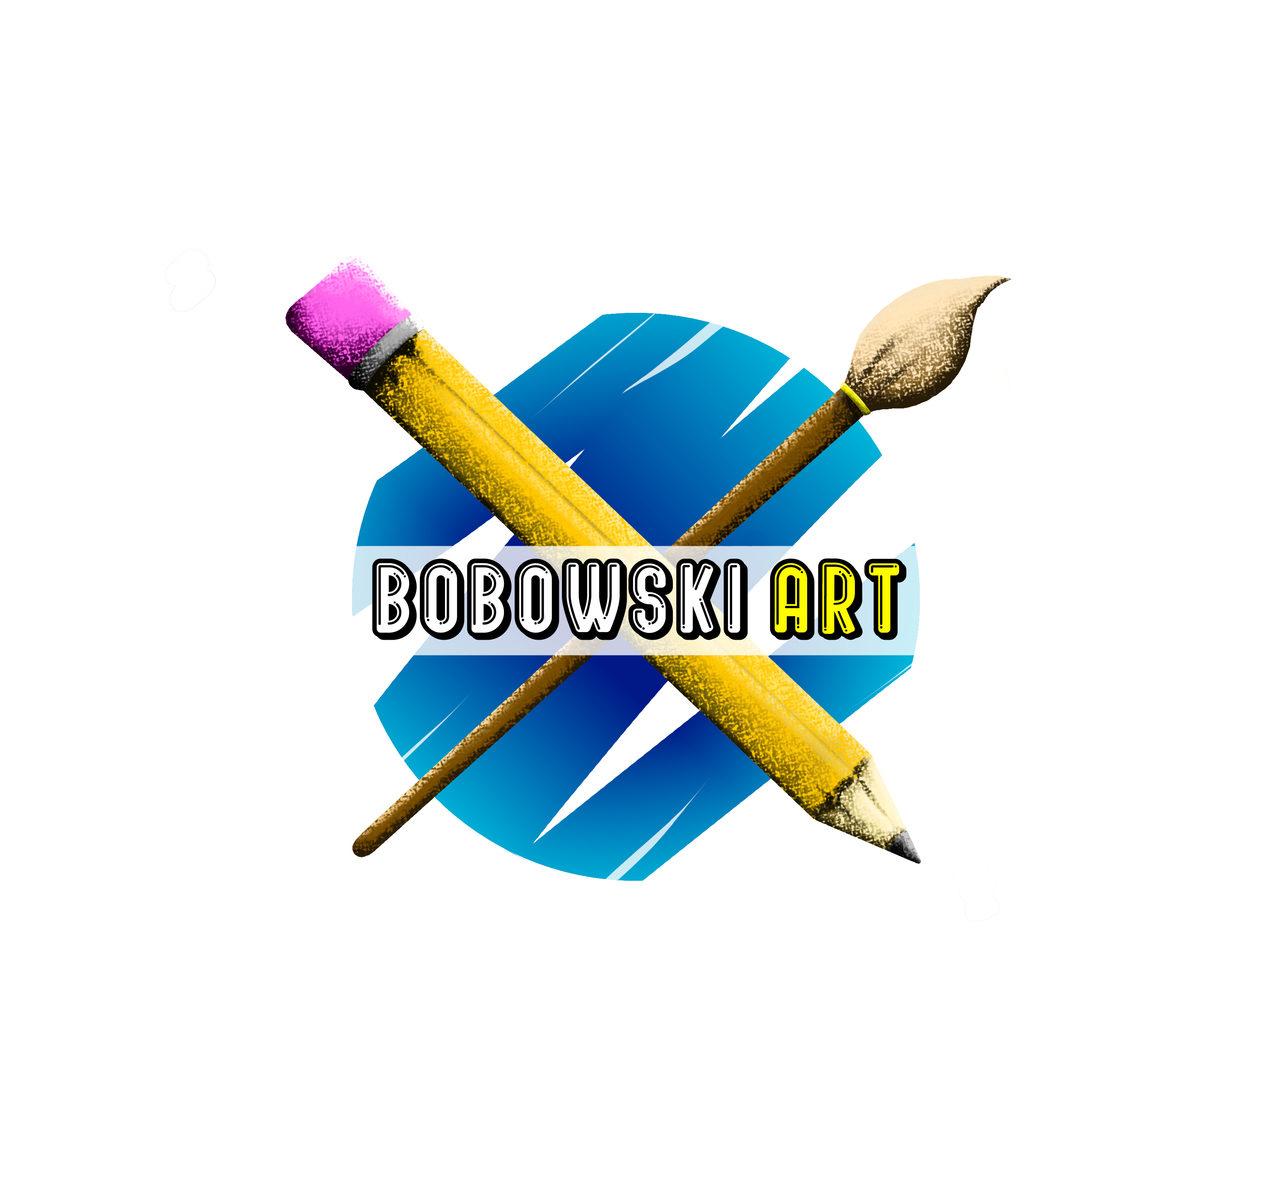 logo gotowe22 Easy Resize.com